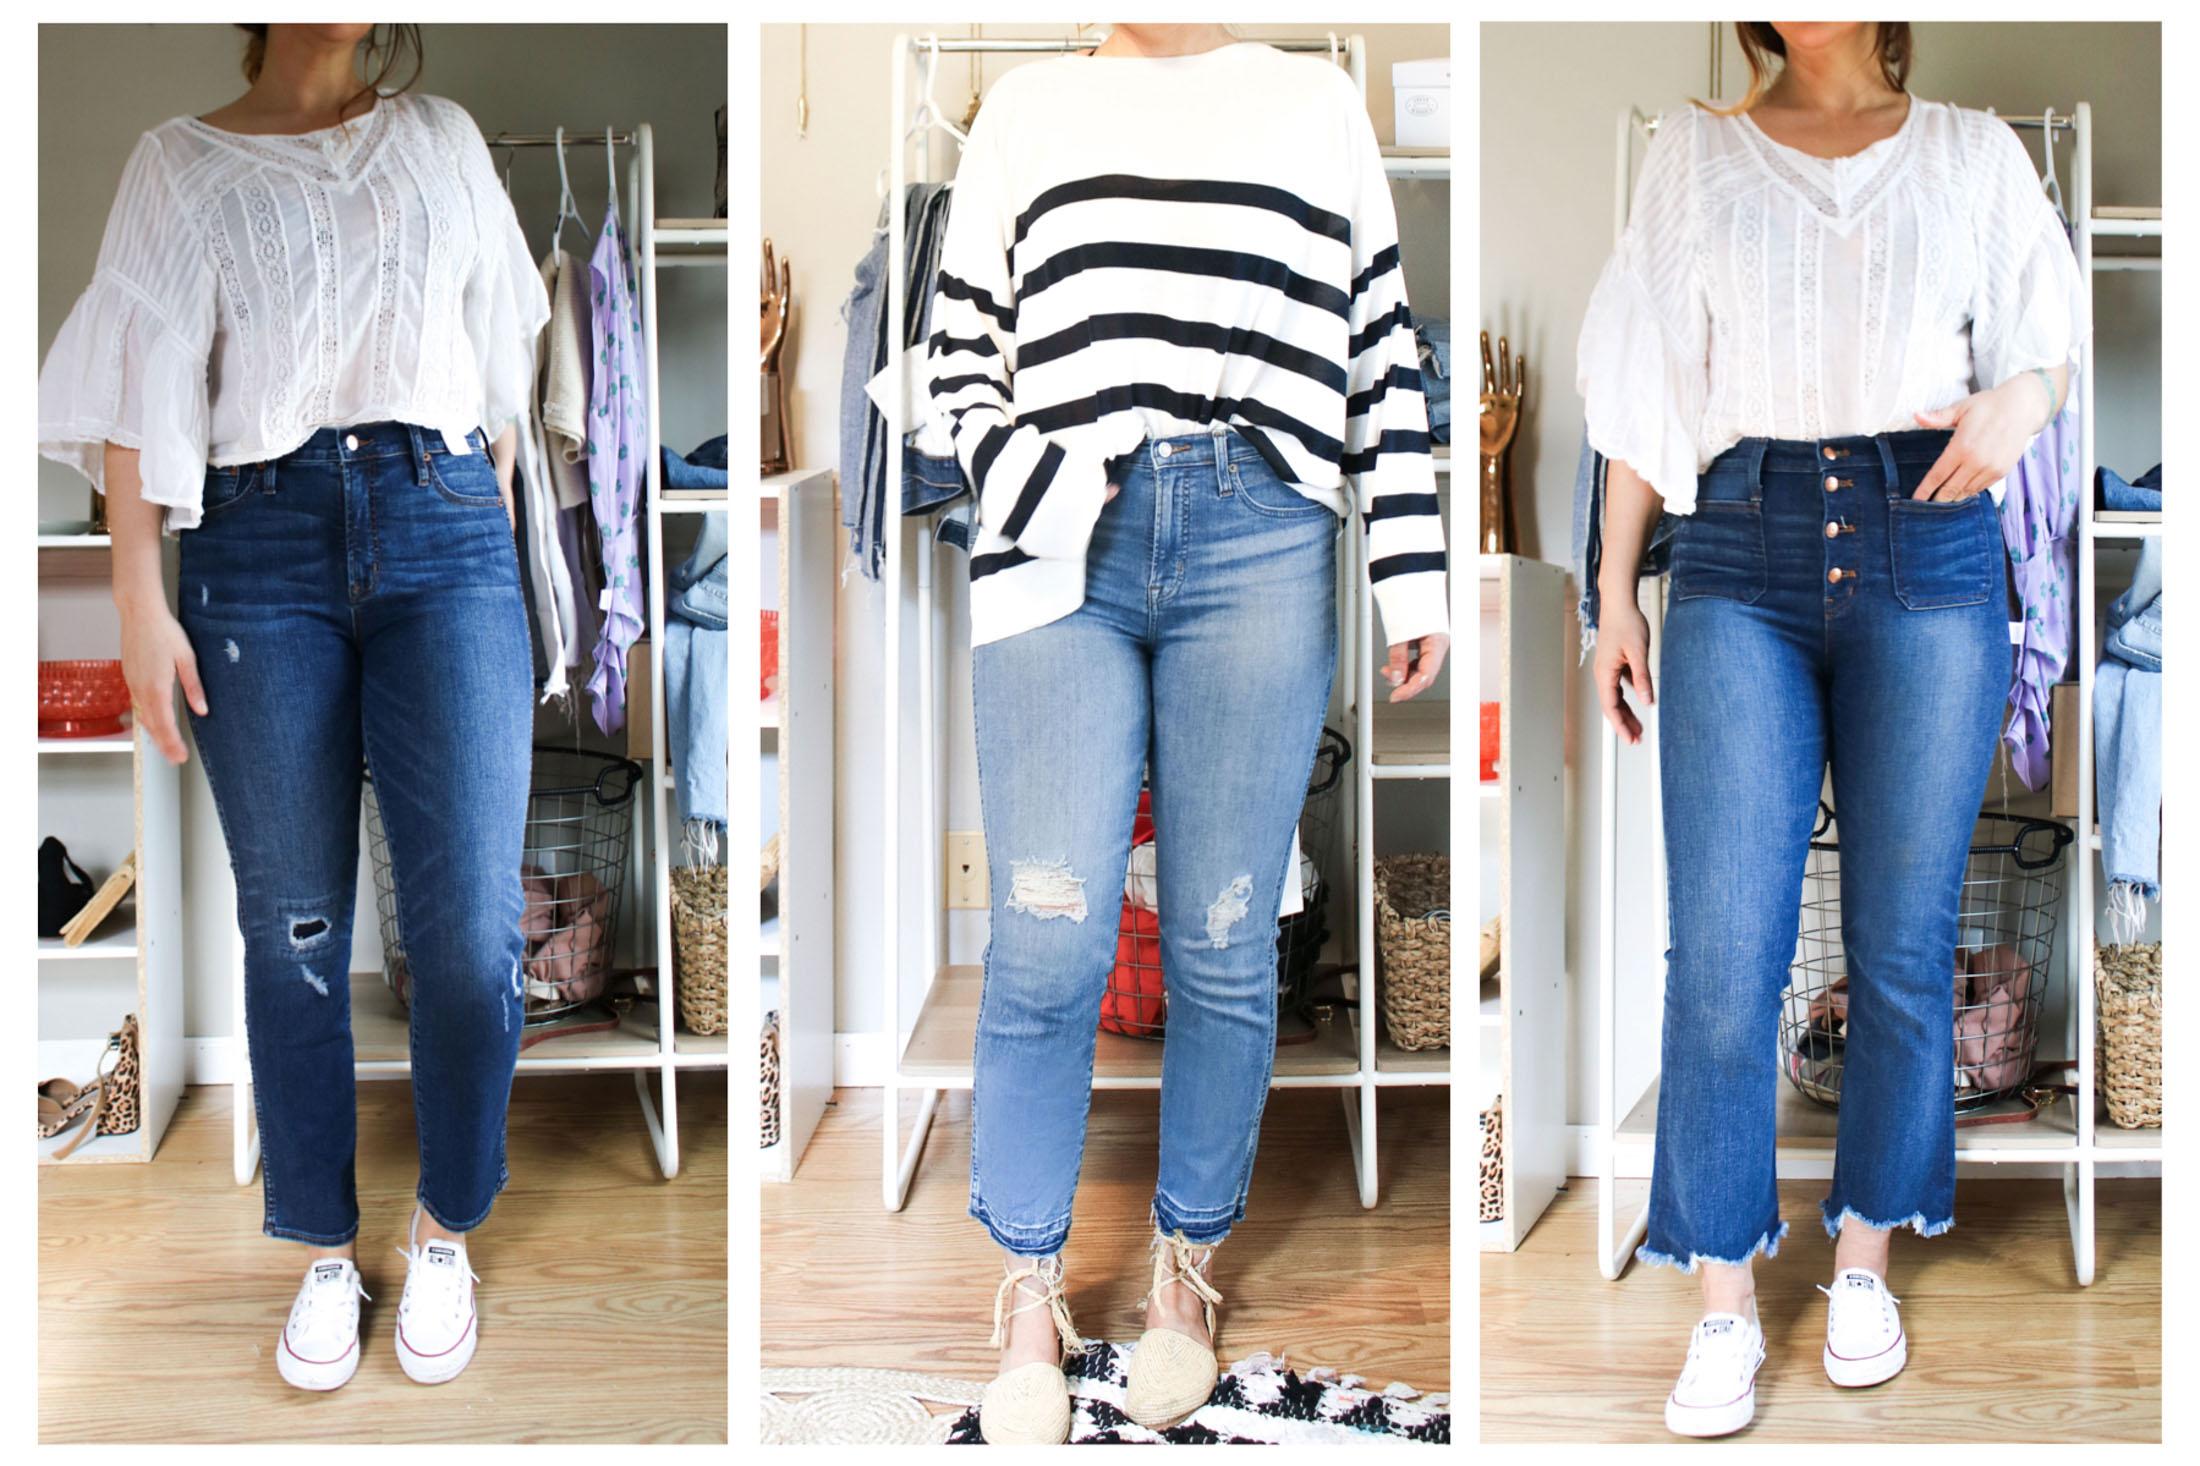 87d6c6736e0a2 The Jeans I'm Loving From J.Crew Right Now | The Mom Edit